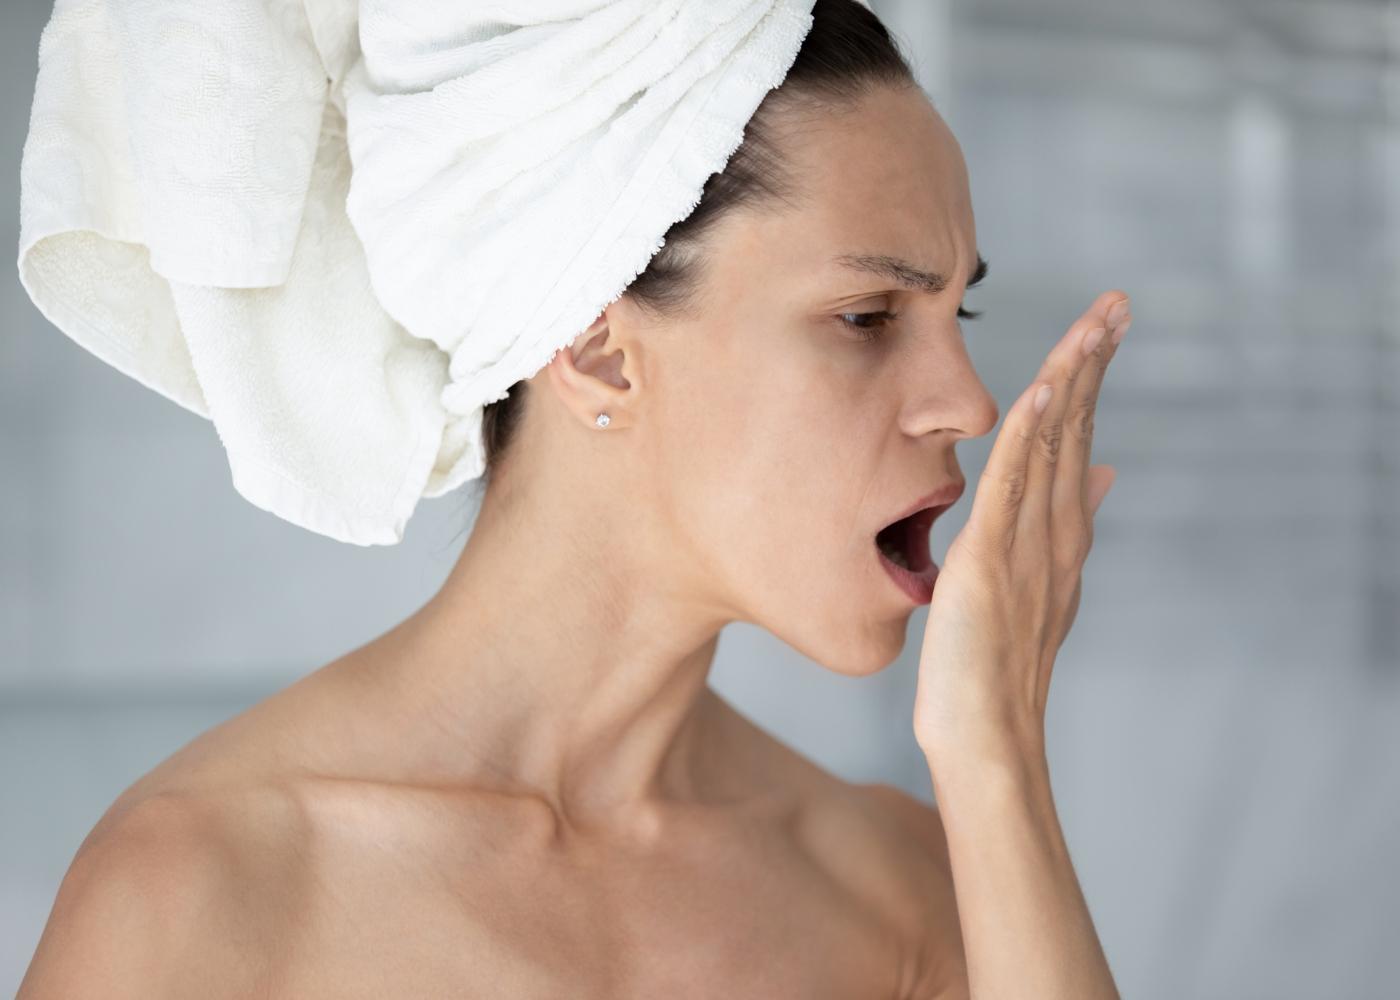 Mulher com mau hálito